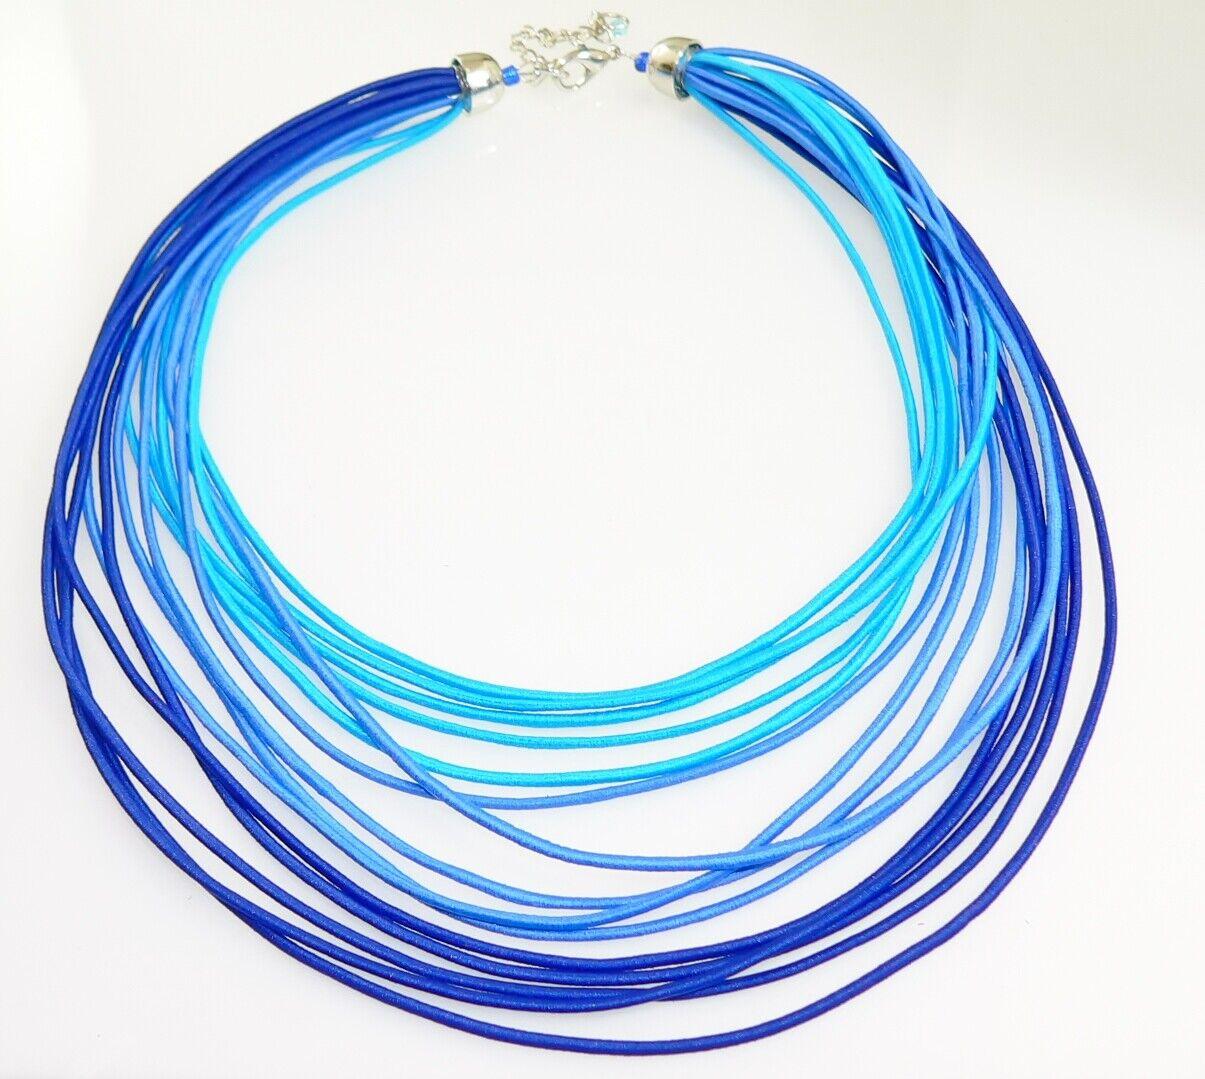 Kette Halskette Collier Statement Textil mehrreihig blau hellblau türkis  393a